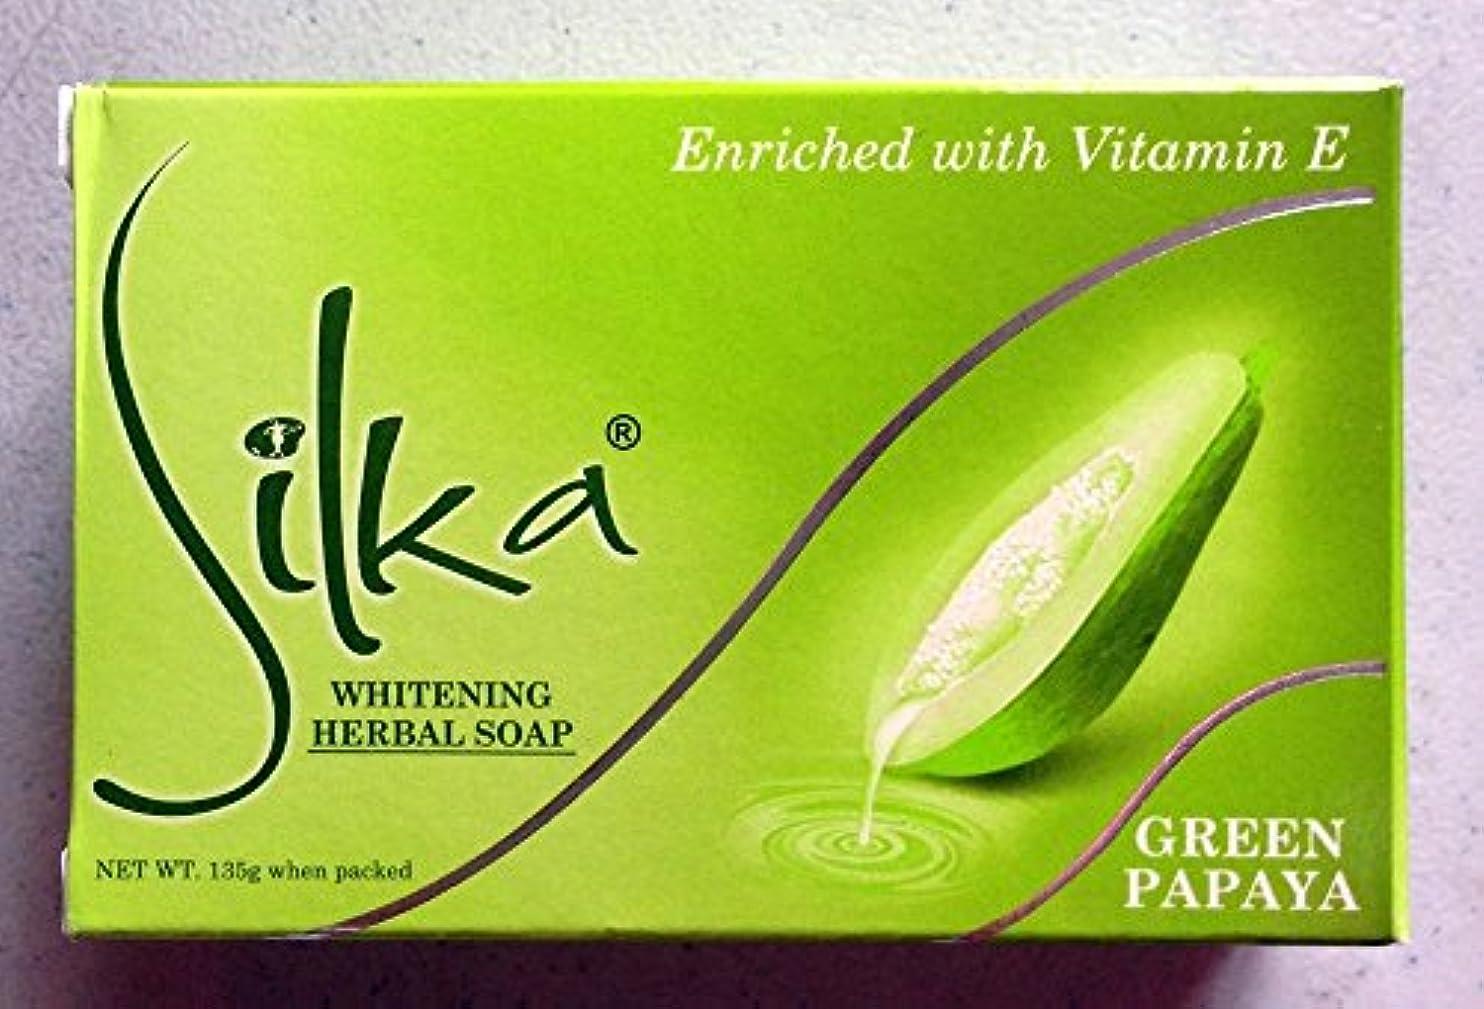 誇大妄想検査ドラムシルカ グリーン パパイヤソープ 135g Silka green papaya soap